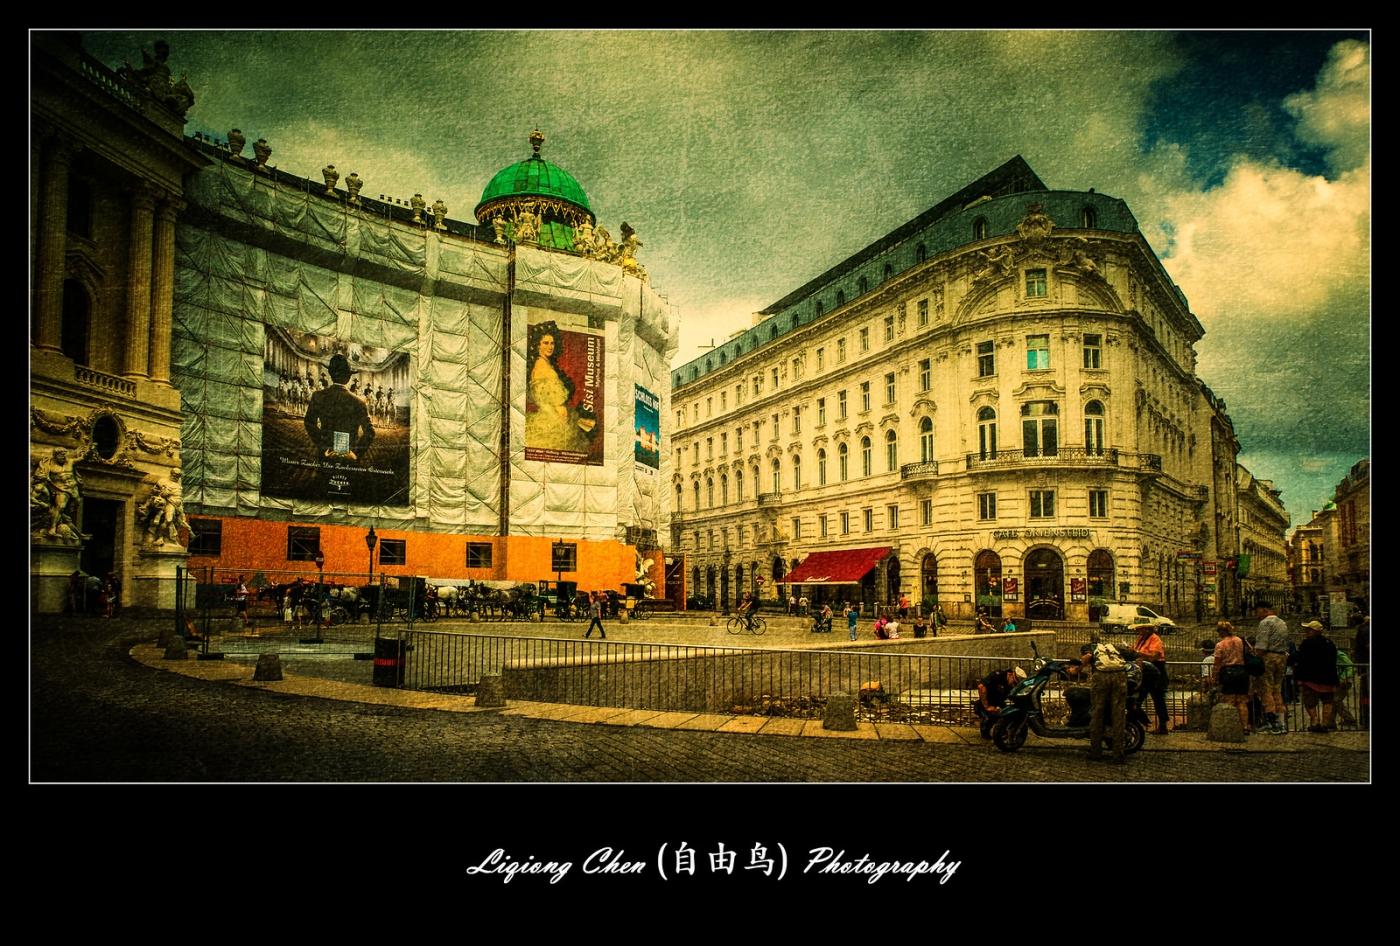 维也纳街上的建筑,充满着高大上_图1-10